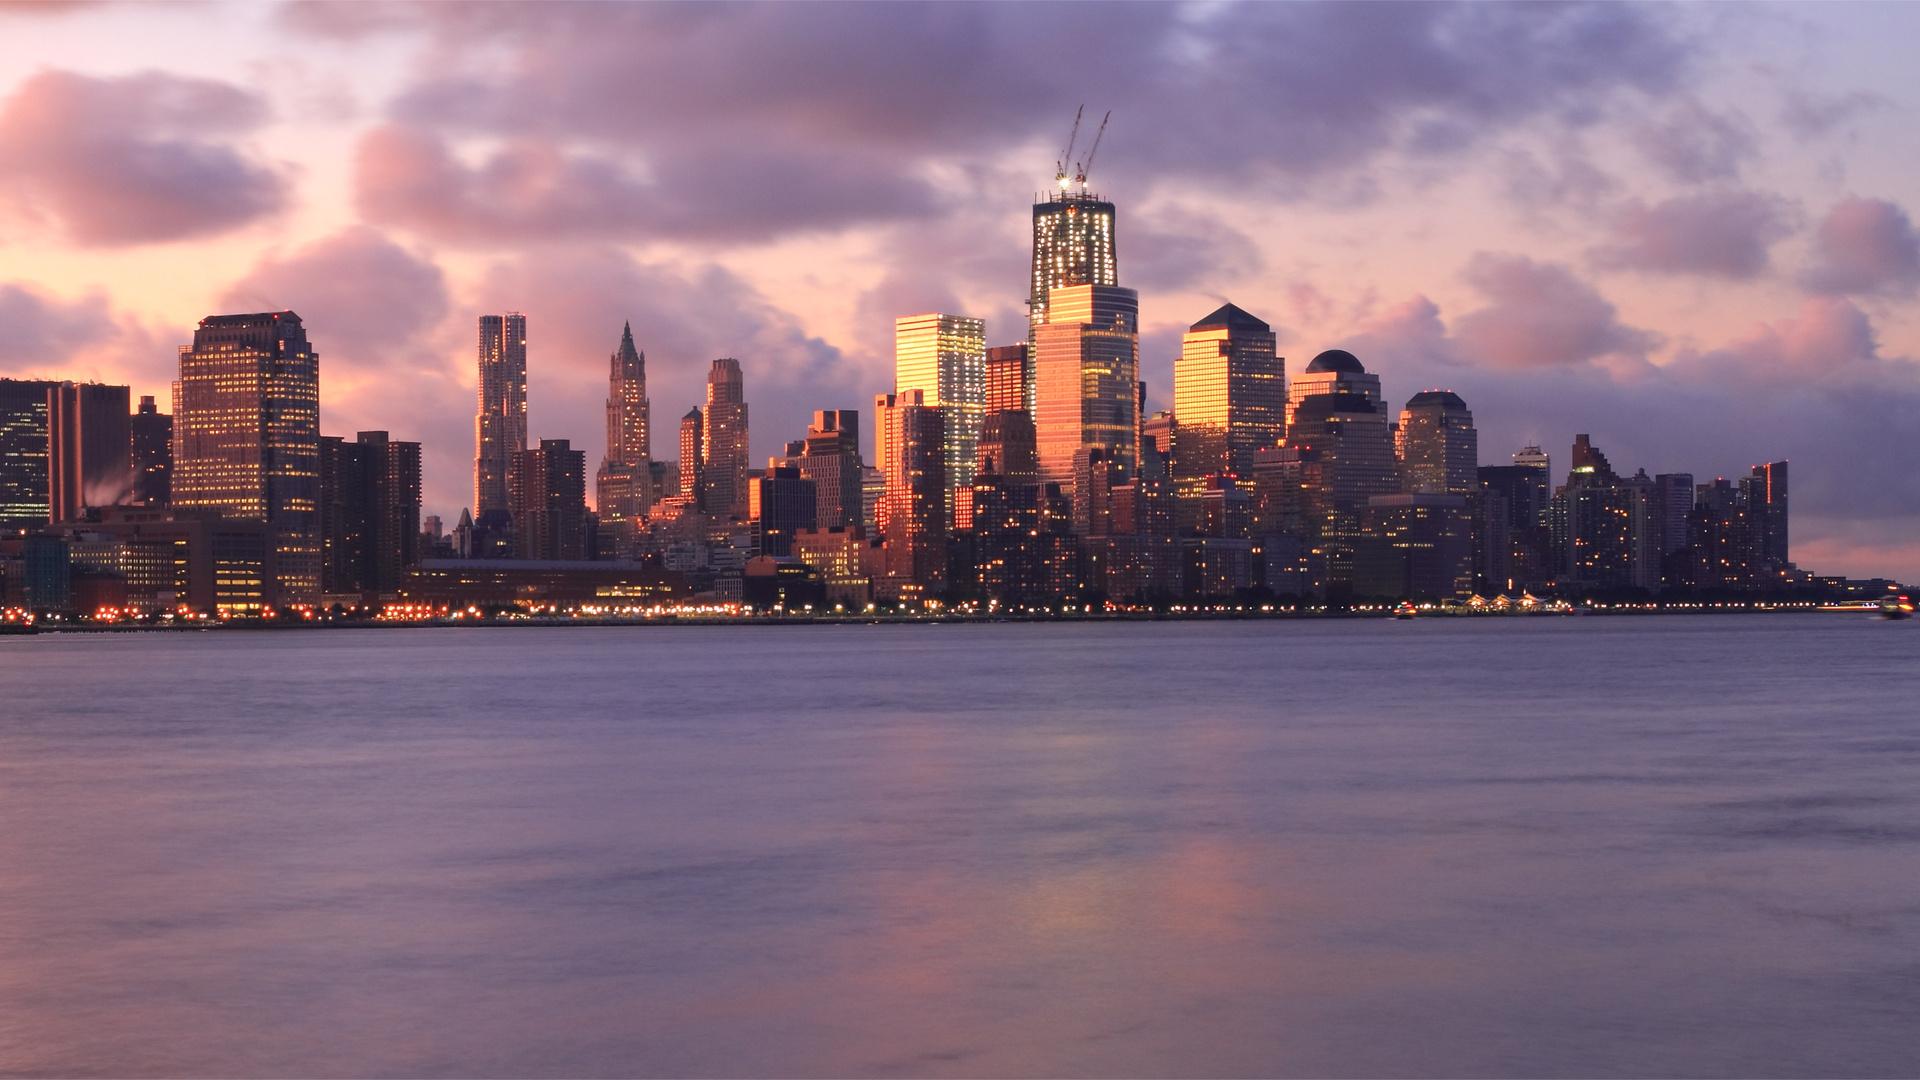 сша, небоскребы, new york, Usa, здания, нью-йорк, мегаполис